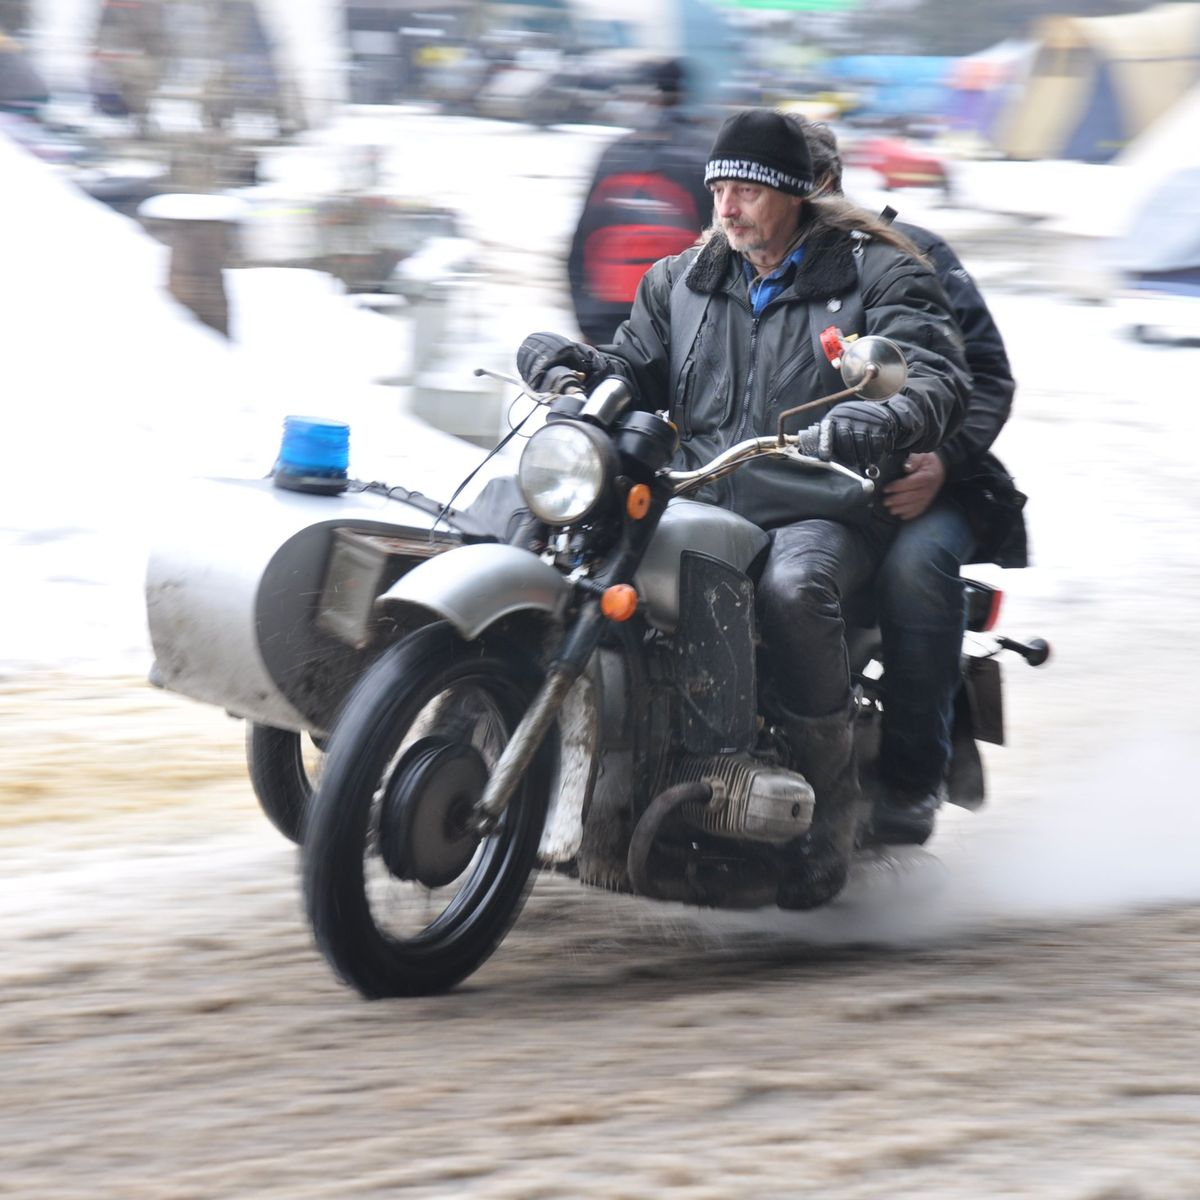 Elefantentreffen 2013: Motorradtreffen mitten im Winter - DER SPIEGEL